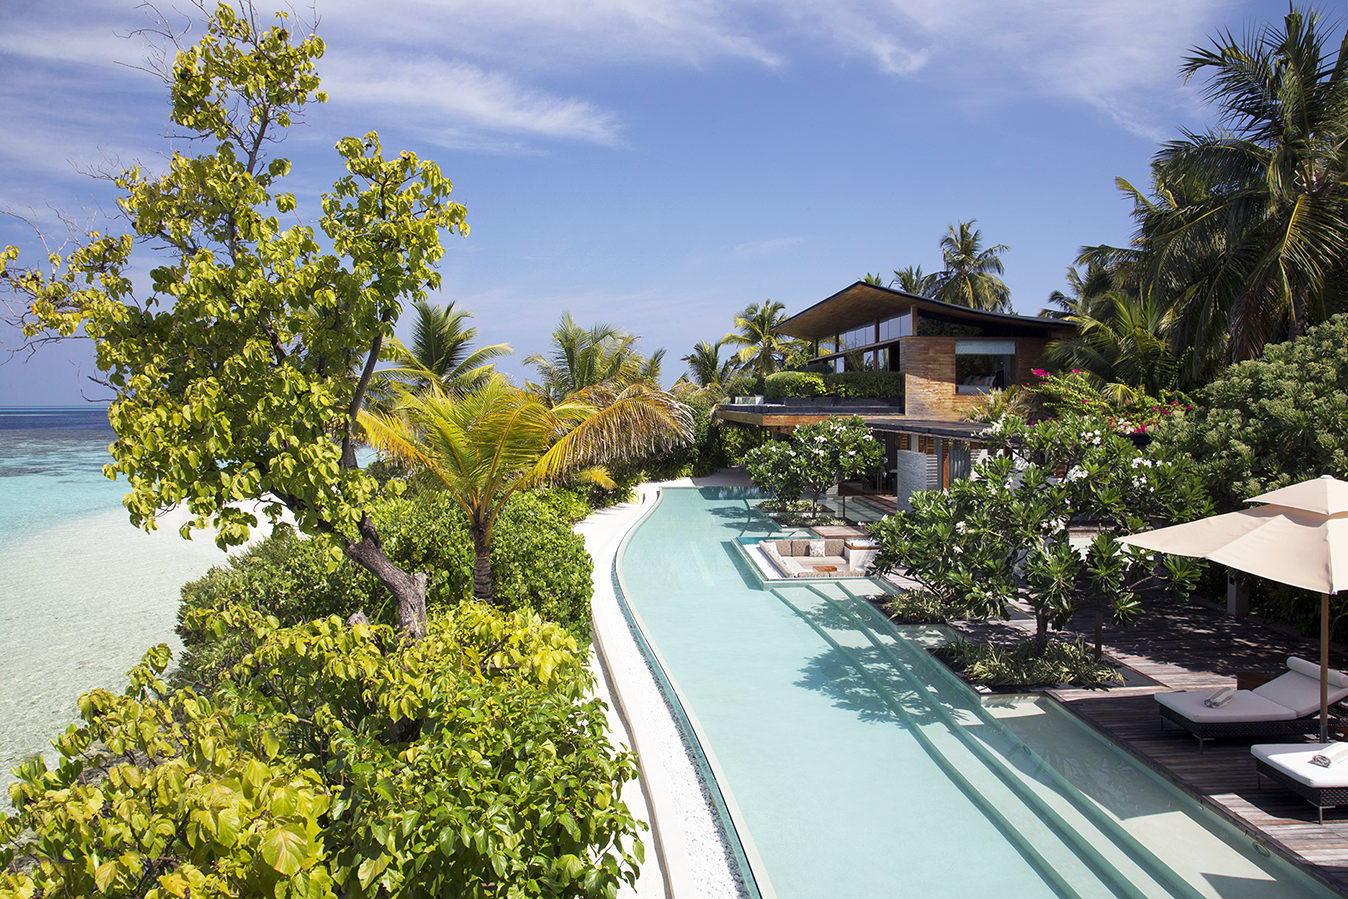 Coco Prive Island